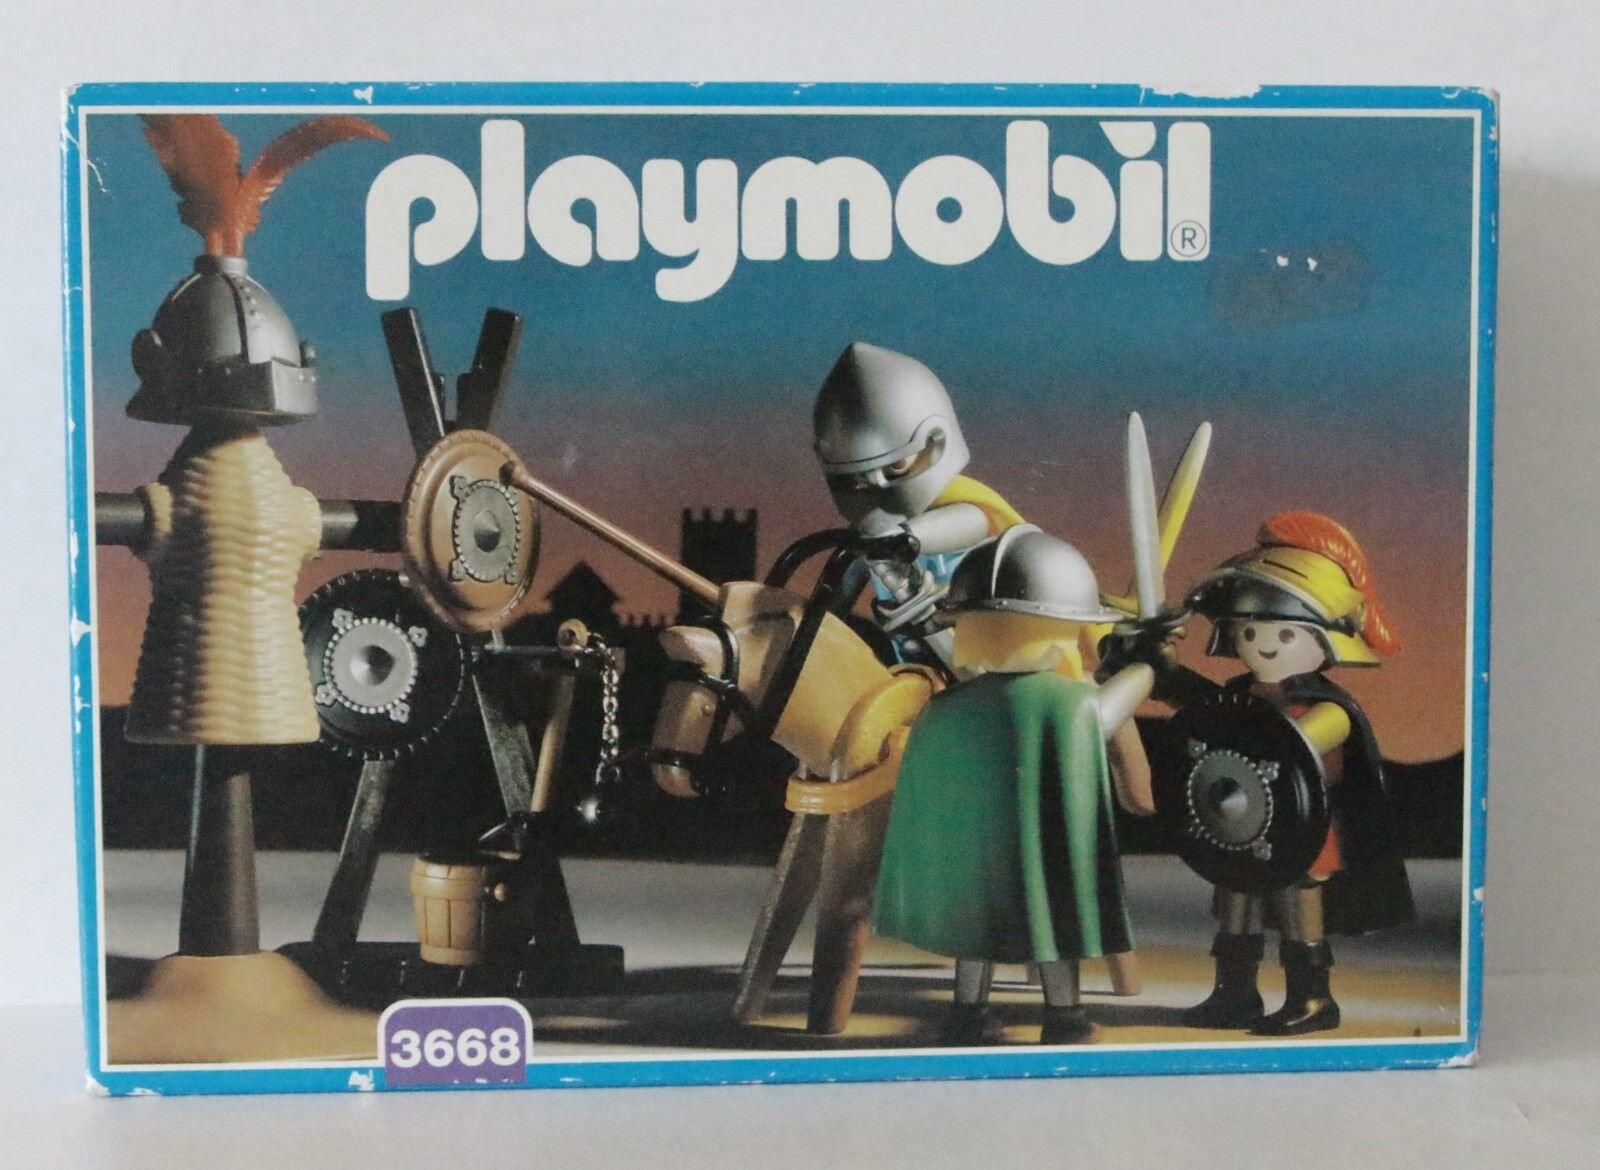 PLAYMOBIL 3668 KNIGHTS TRAINING FIELD MIB * OVP * MIB * SPECIAL